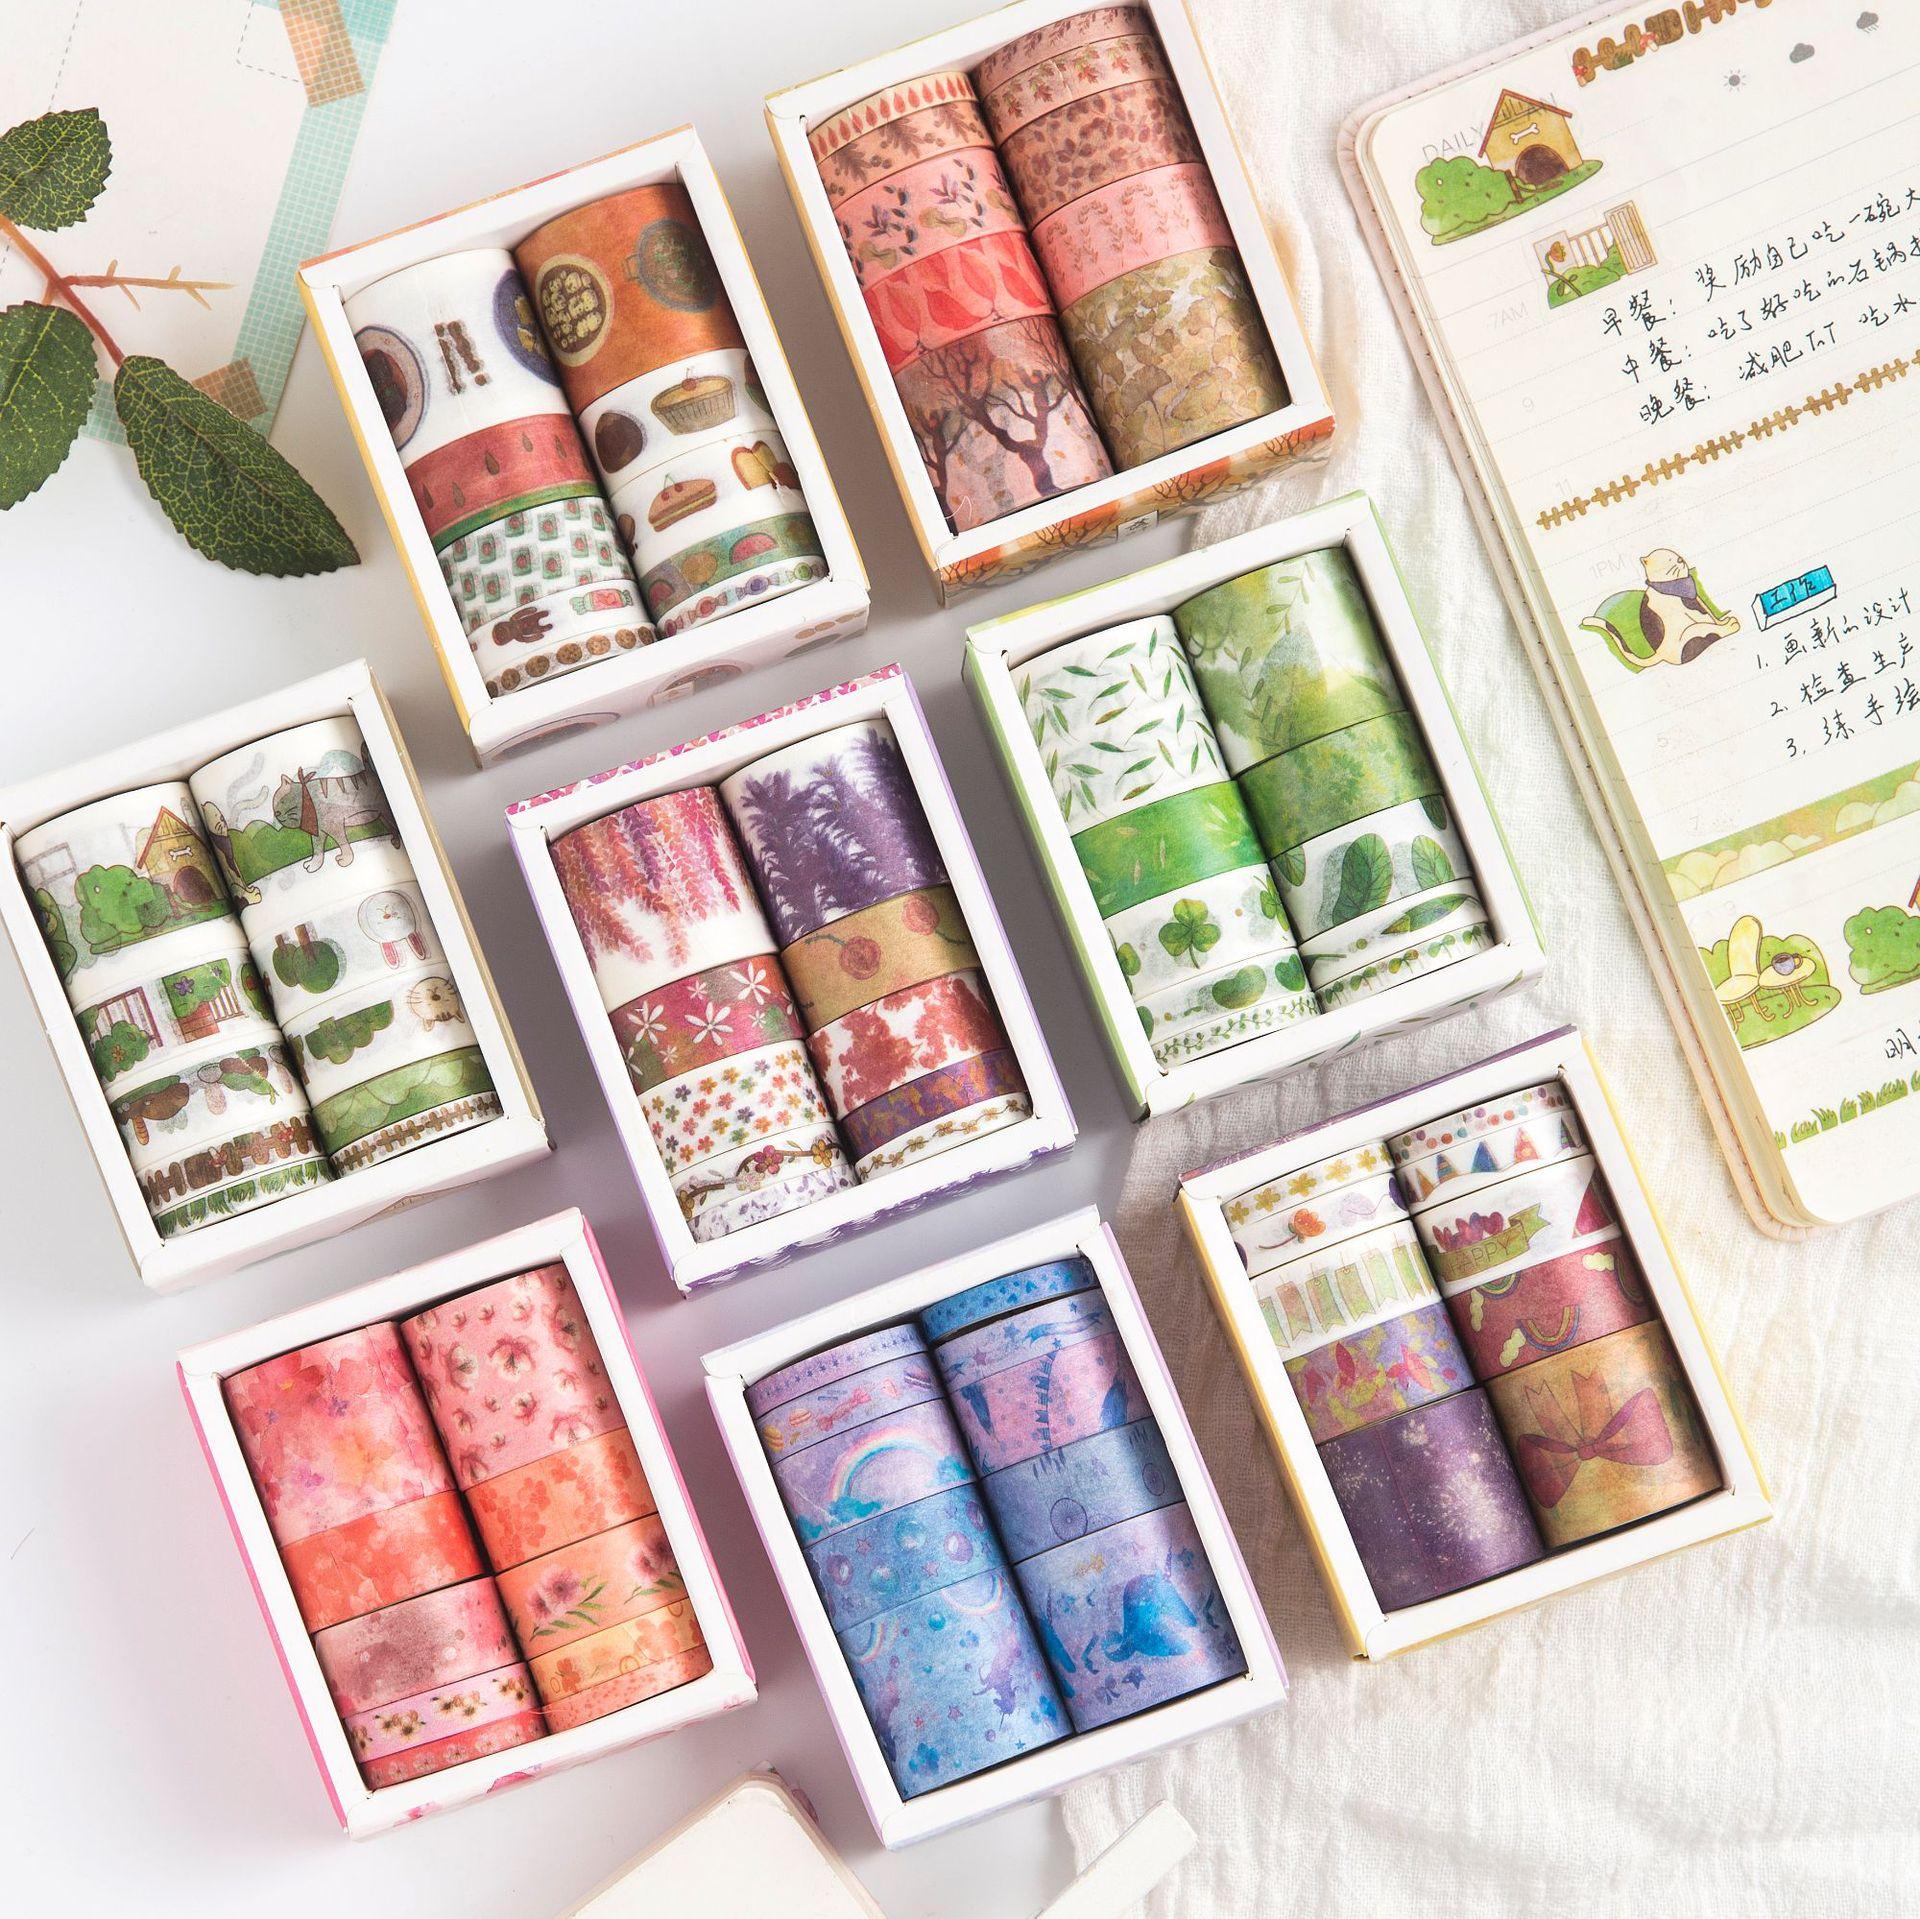 10pcs/box Starry Sky Unicorn Washi Masking Tape Set Sticky Decorative Paper Tape Set DIY Decoration Office Stationery Scrapbook